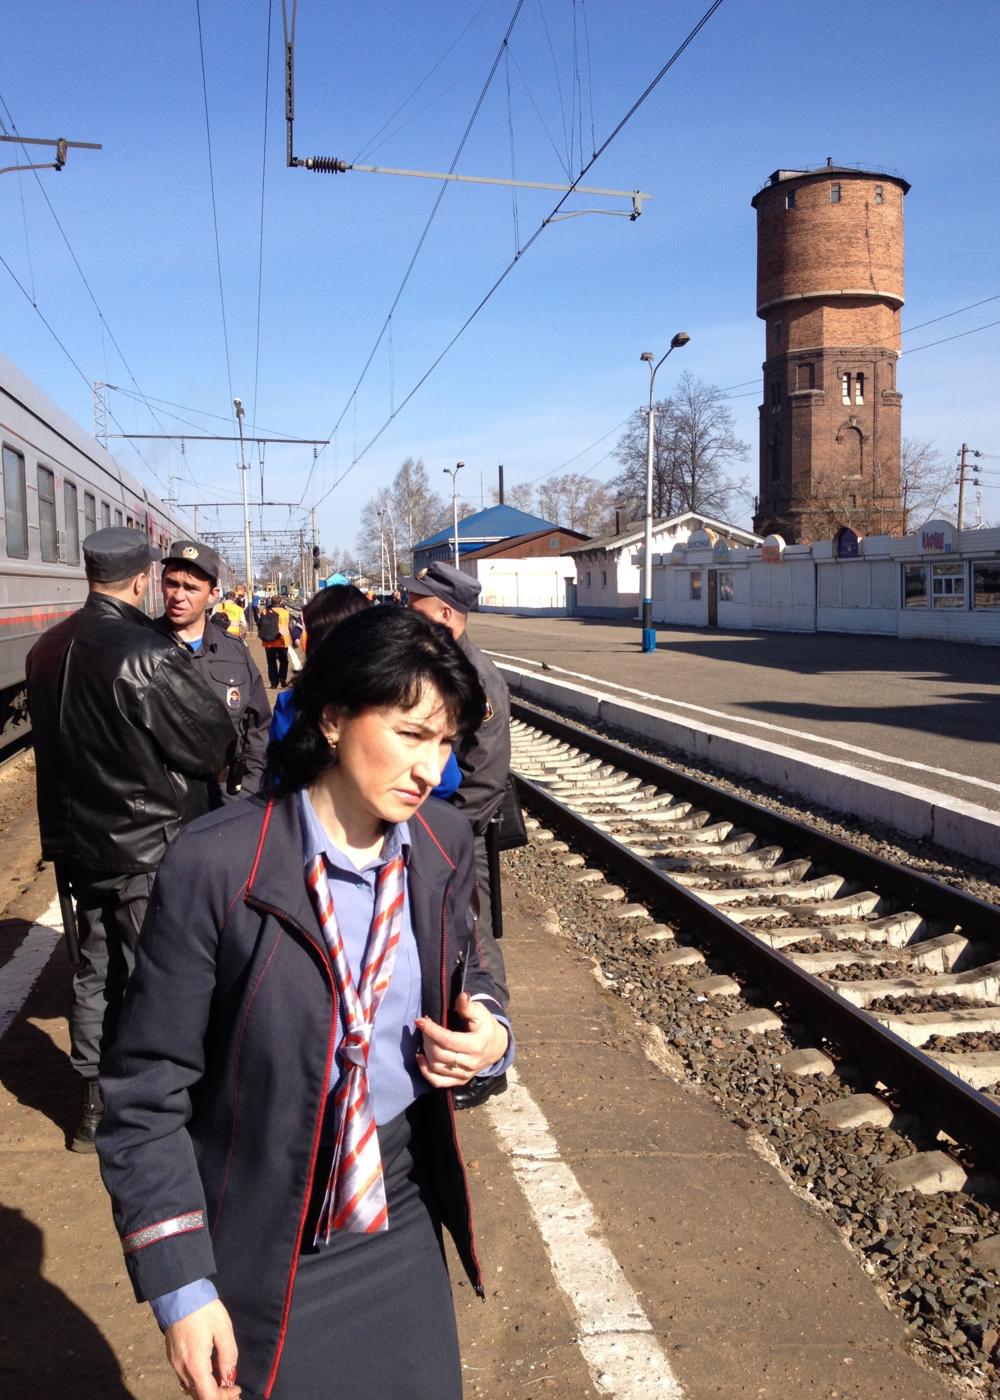 """Scène courante lors d'un arrêt du train. Tout le monde prend l'air, y compris les  """"provadnitsas ."""" Chacune est responsable de tout ce qui se passe dans son wagon. © c.lovey"""